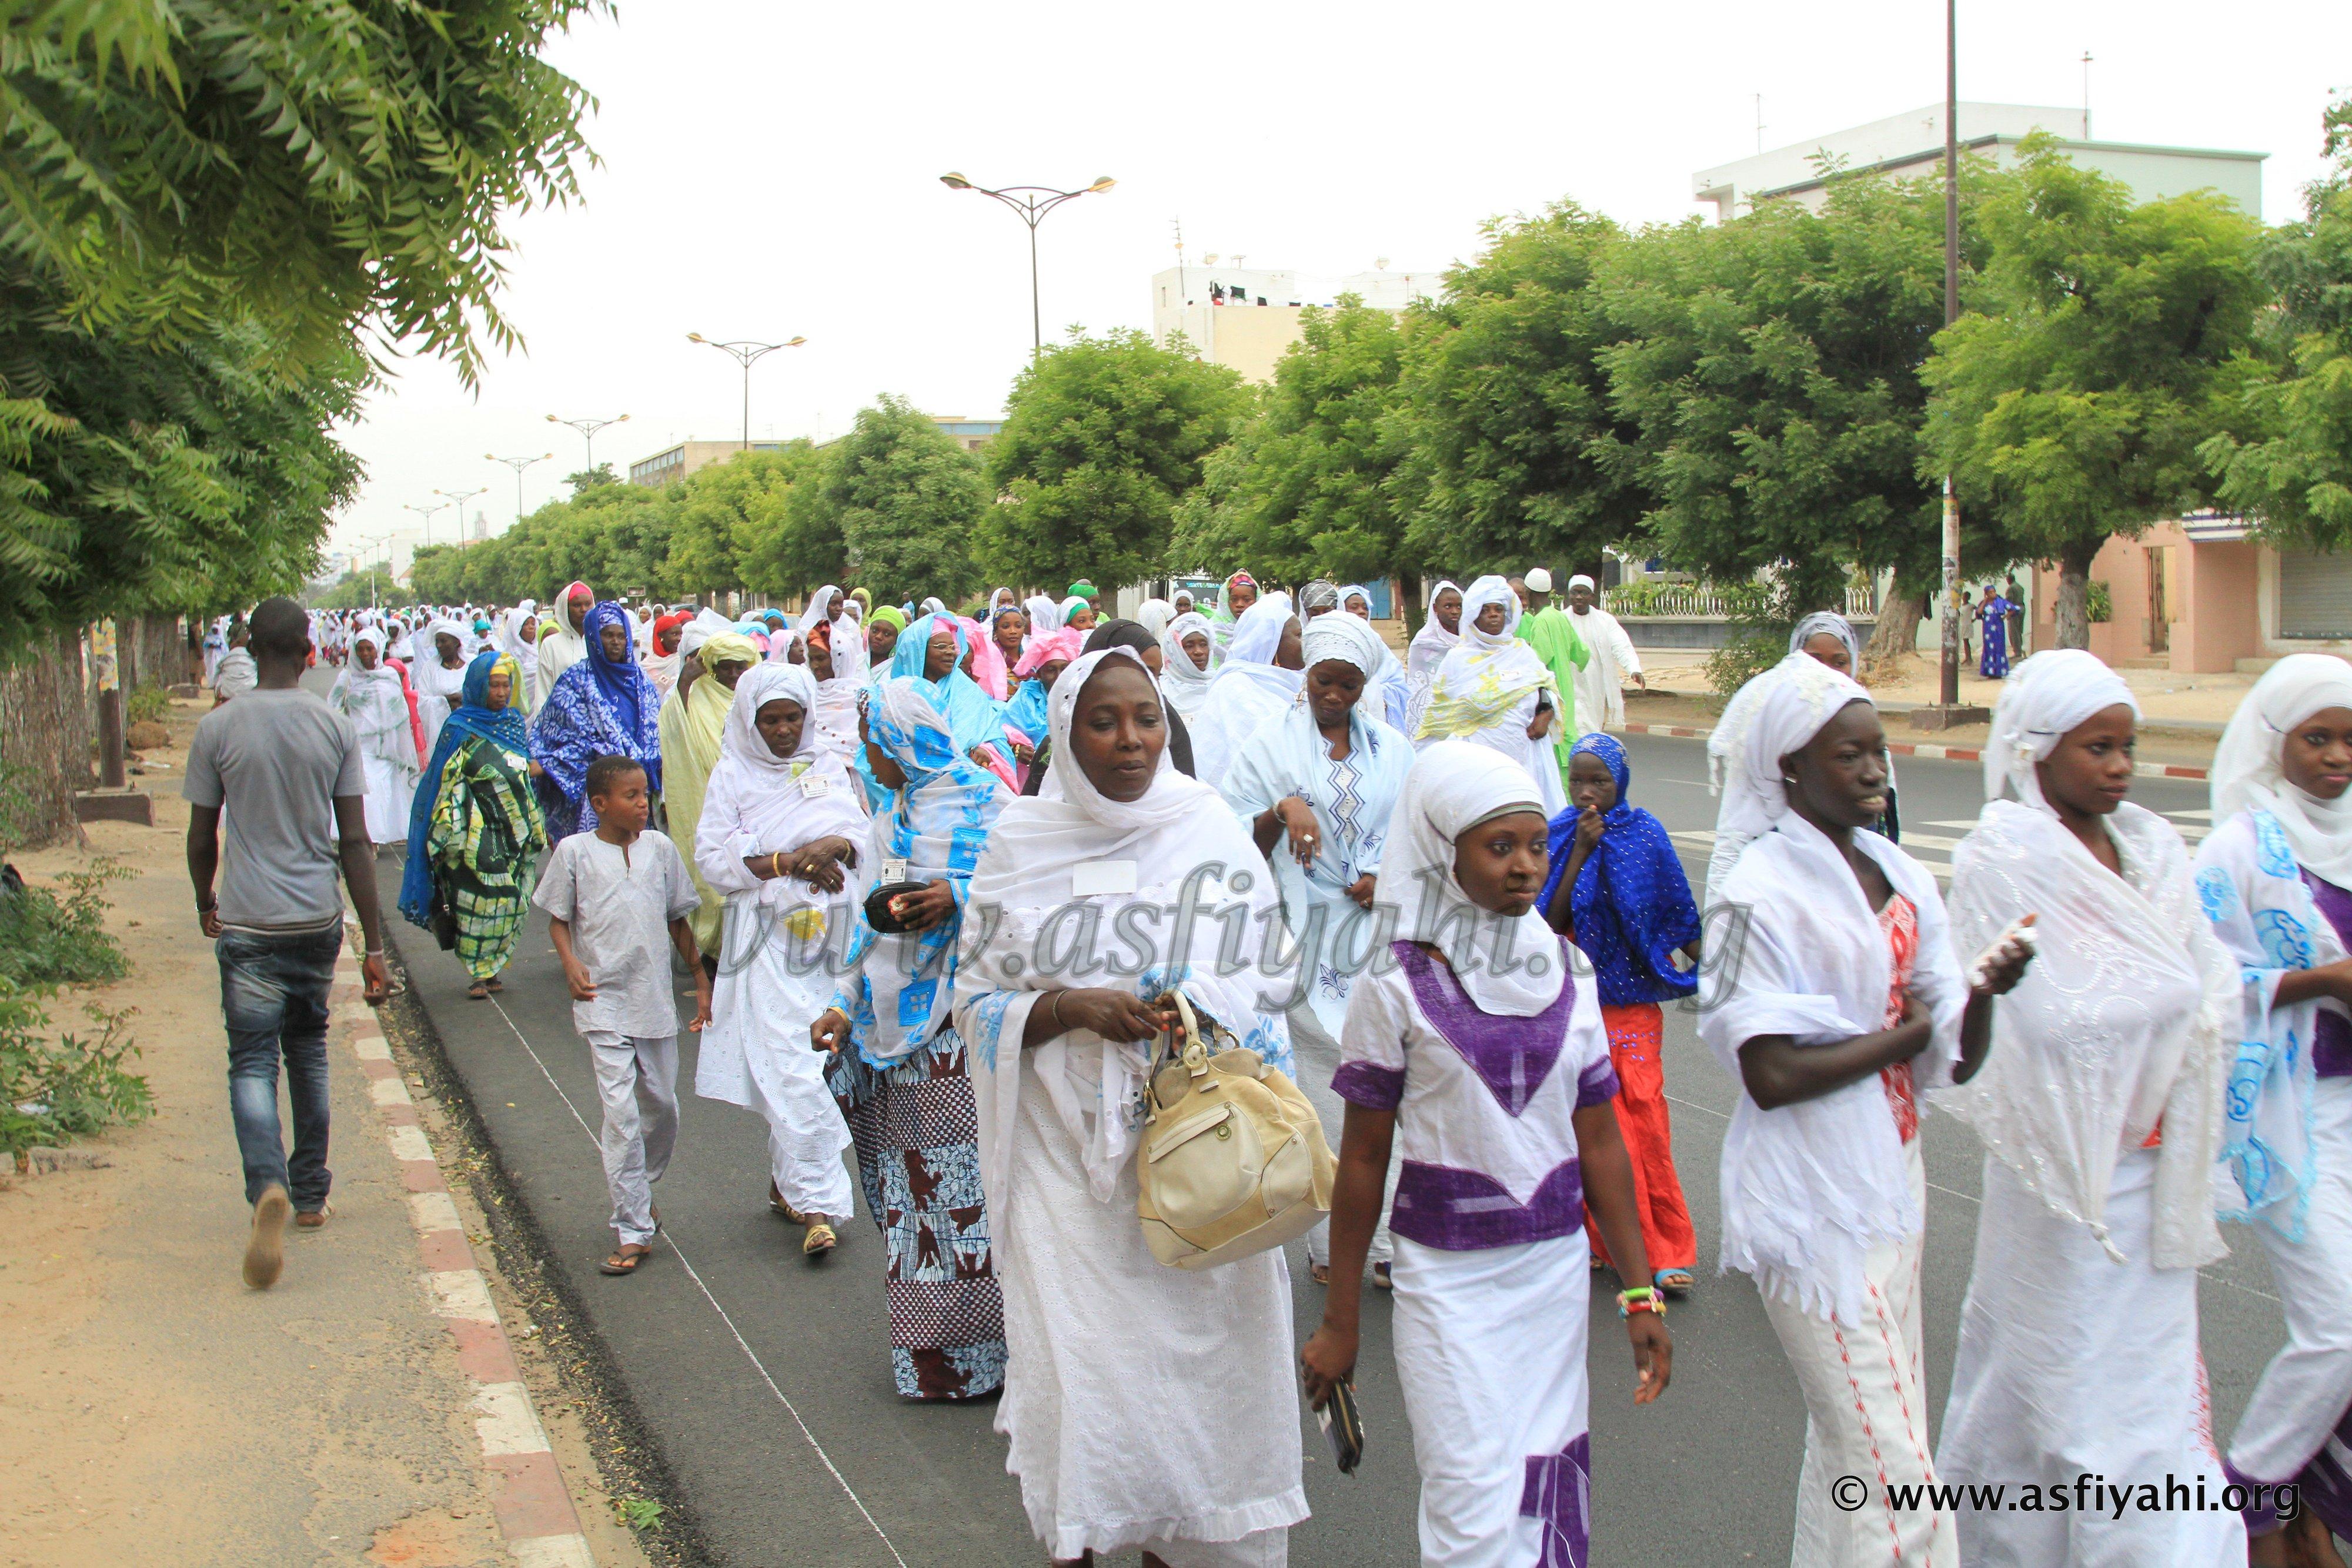 VIDEO - JOURNÉES CHEIKH 2014 - Regardez la grande mobilisation des Jeunes Tidianes , en réponse à l'appel de Serigne Abdoul Aziz Sy Al Amine